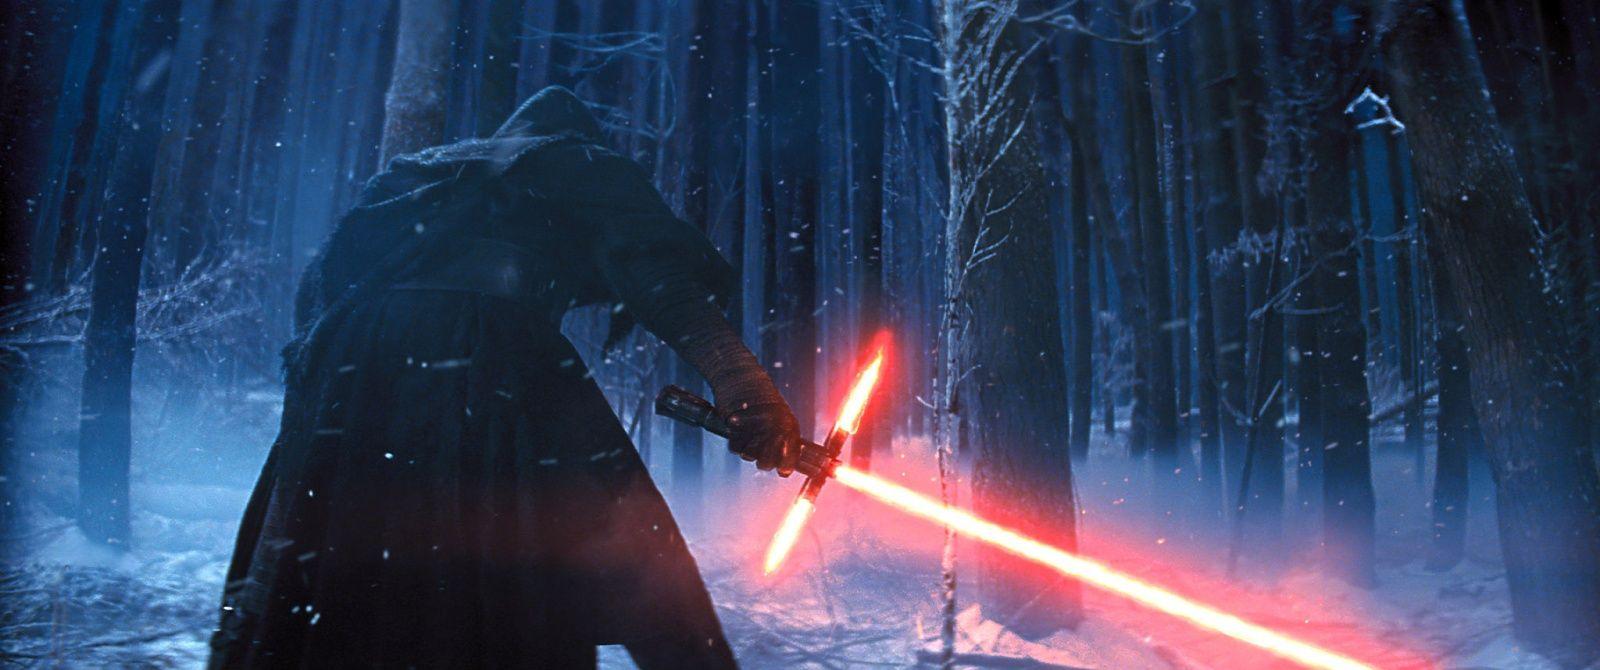 Star-Wars-The- Force-Awakens-declaracao-de-oscar-isaac-sobre-o-longa-mais-aguardado-de-2015_1